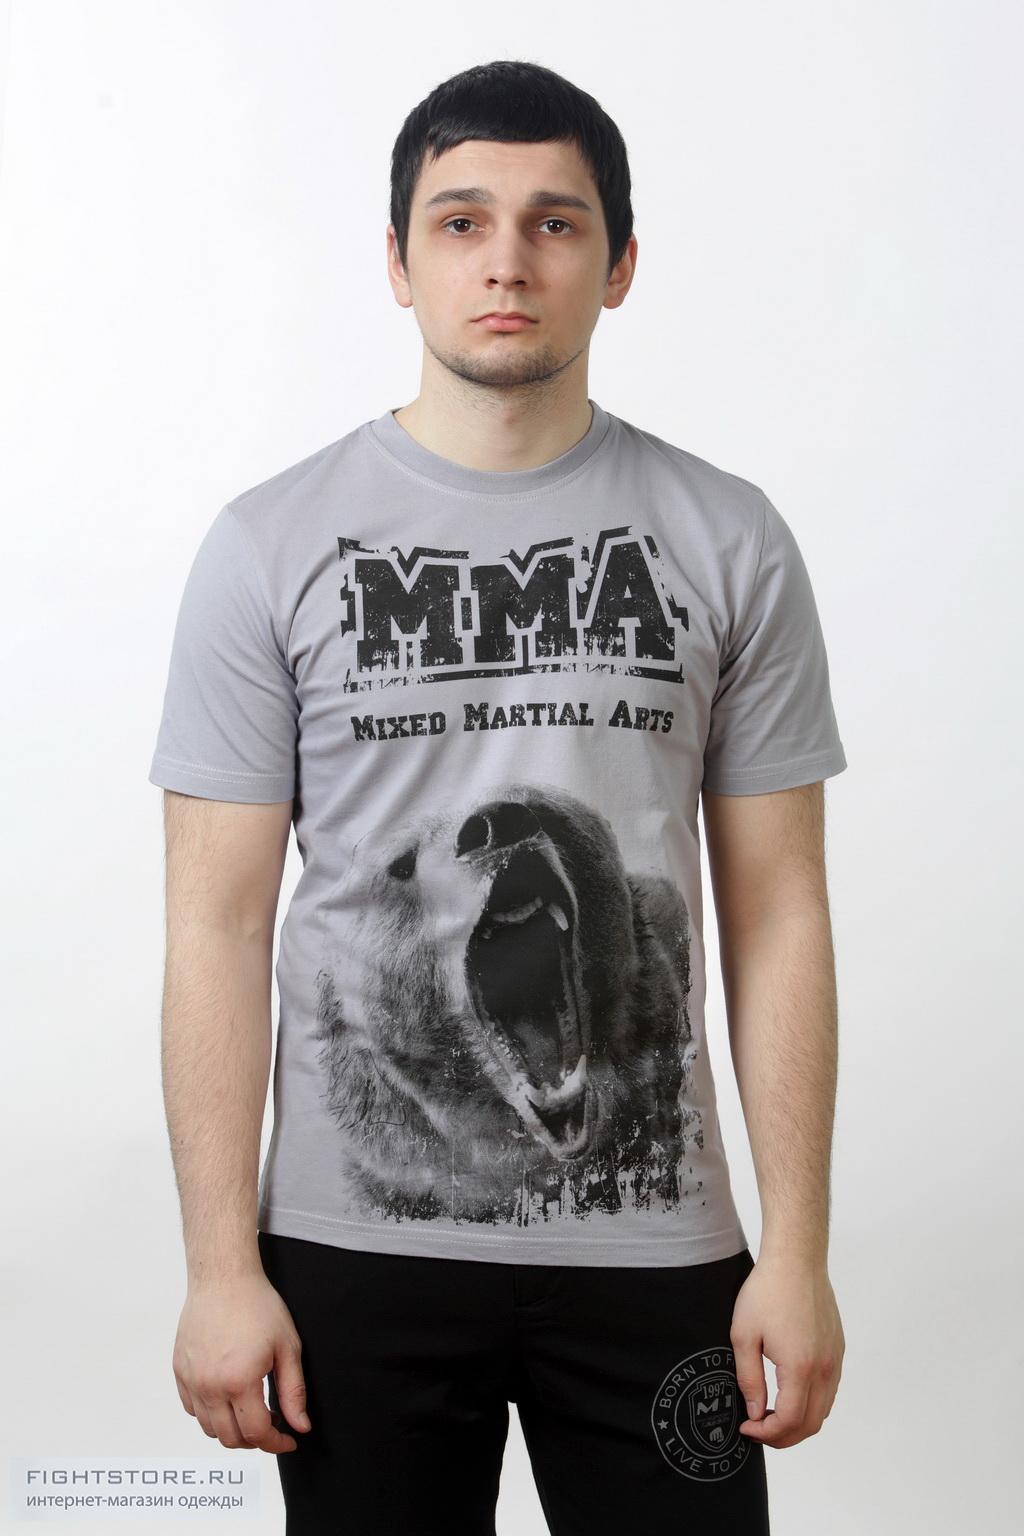 заказать футболку по интернету с надписью адидас